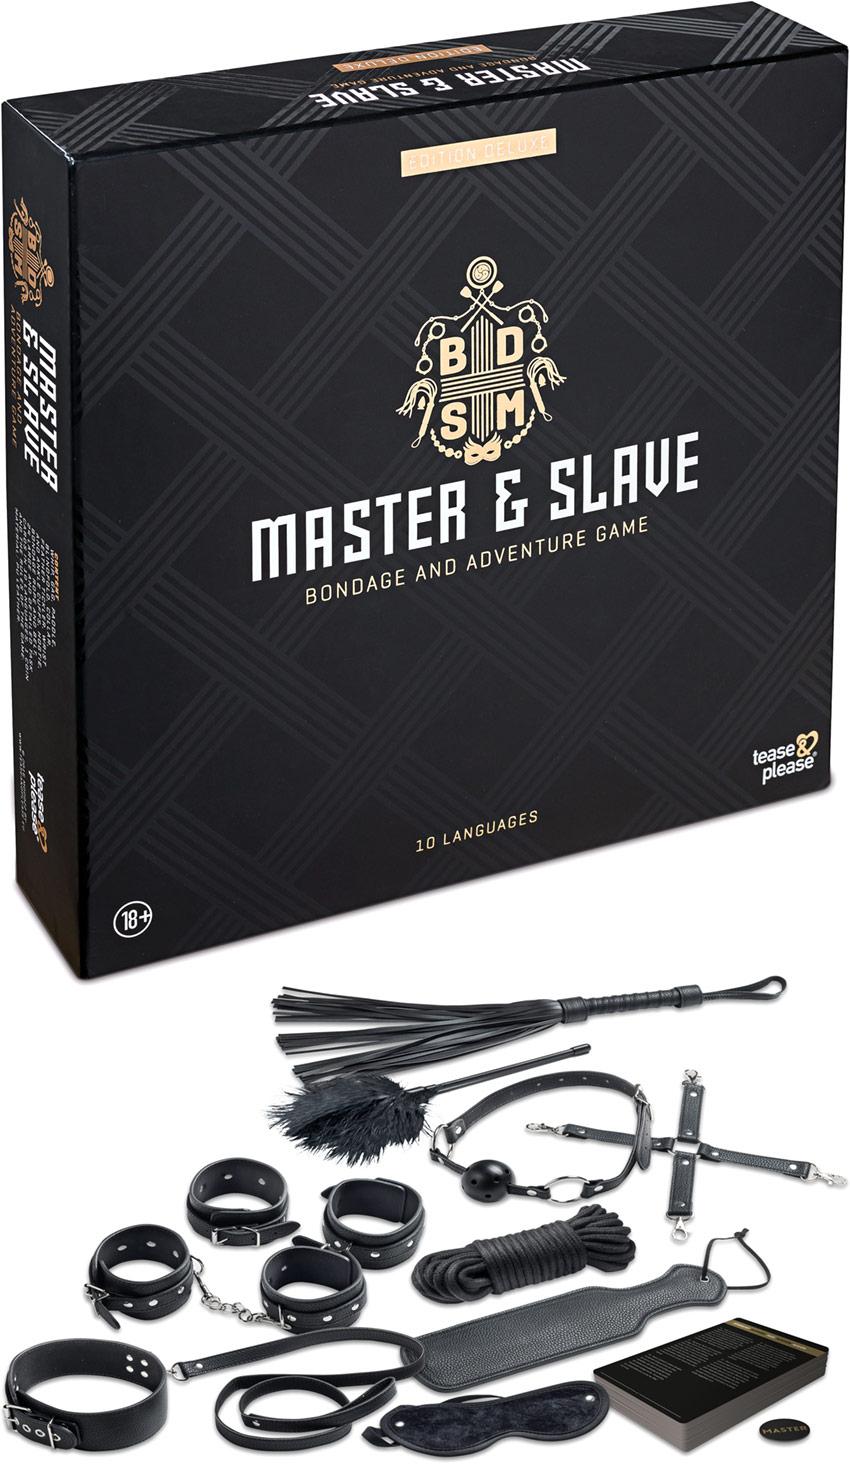 Gioco e accessori bondage Master & Slave (per coppie ) - Deluxe